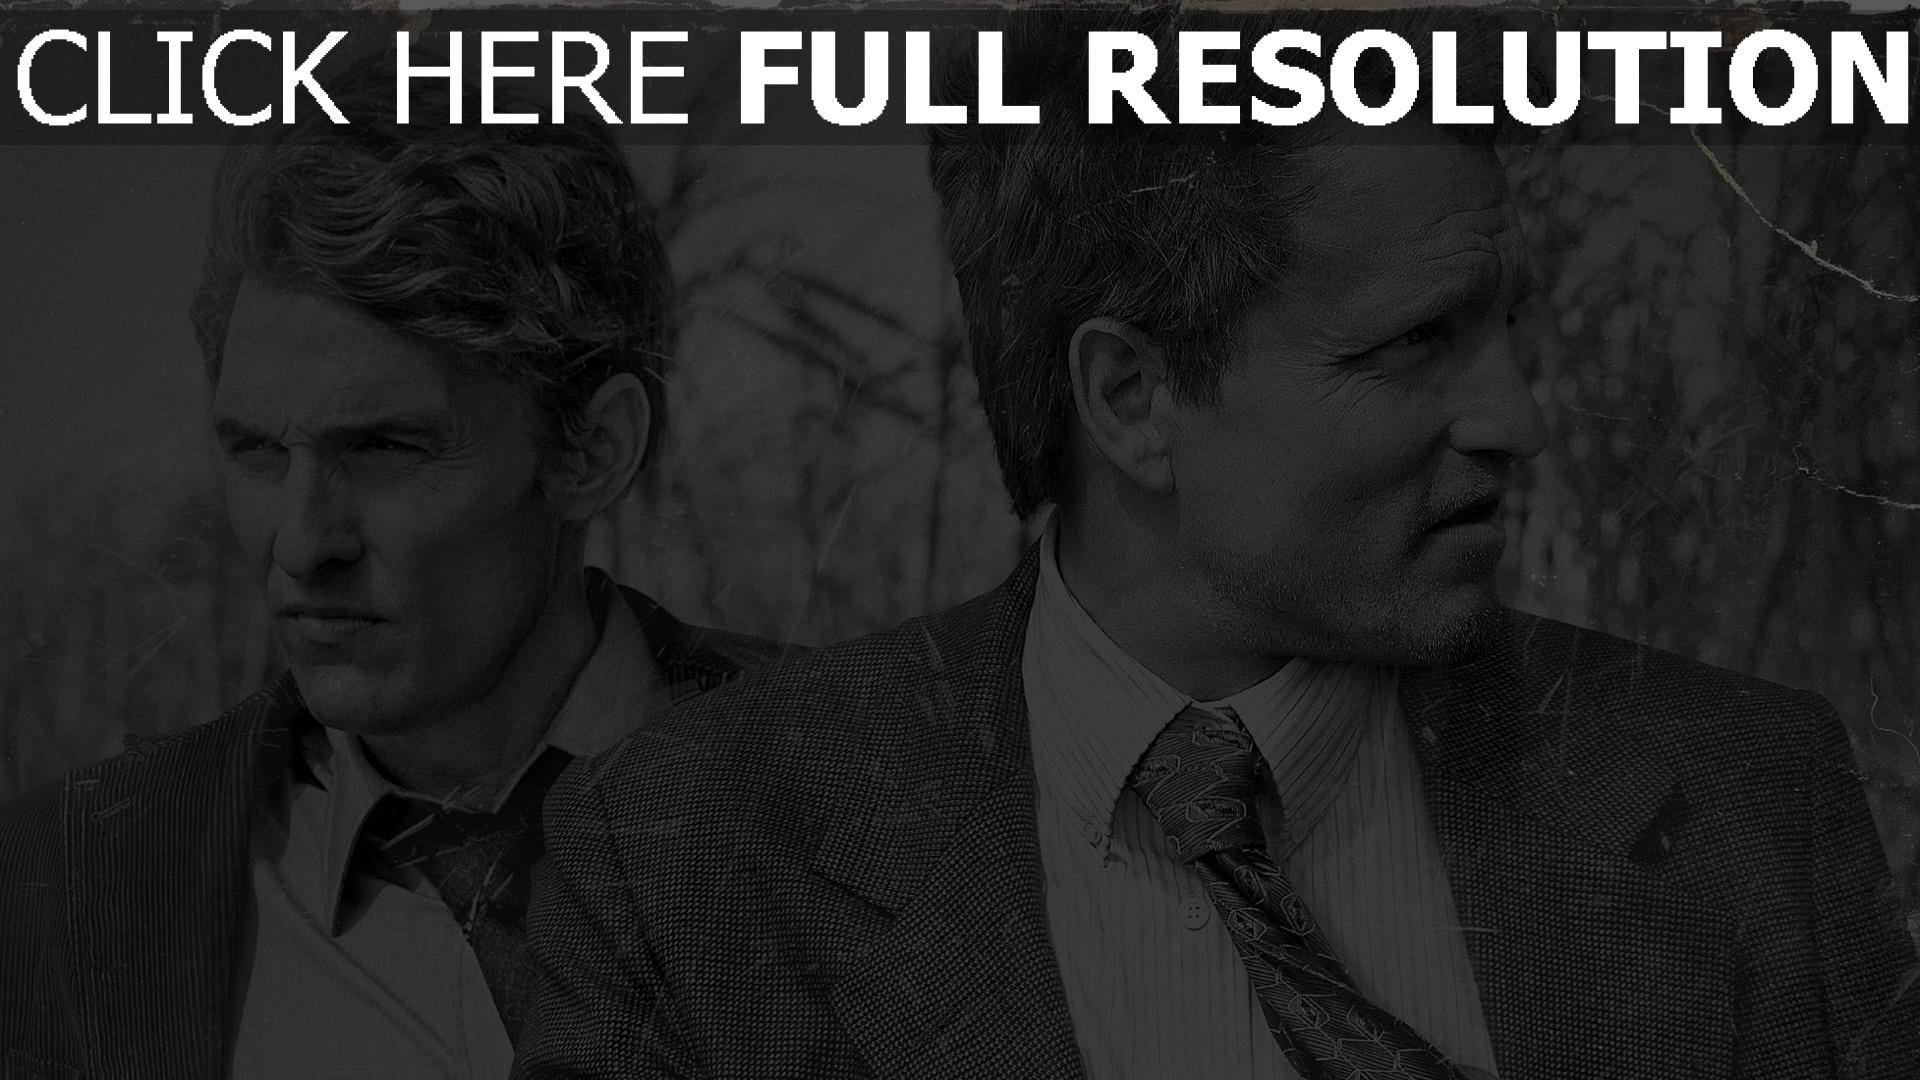 hd hintergrundbilder matthew mcconaughey schwarz-weiß woody harrelson true detective 1920x1080